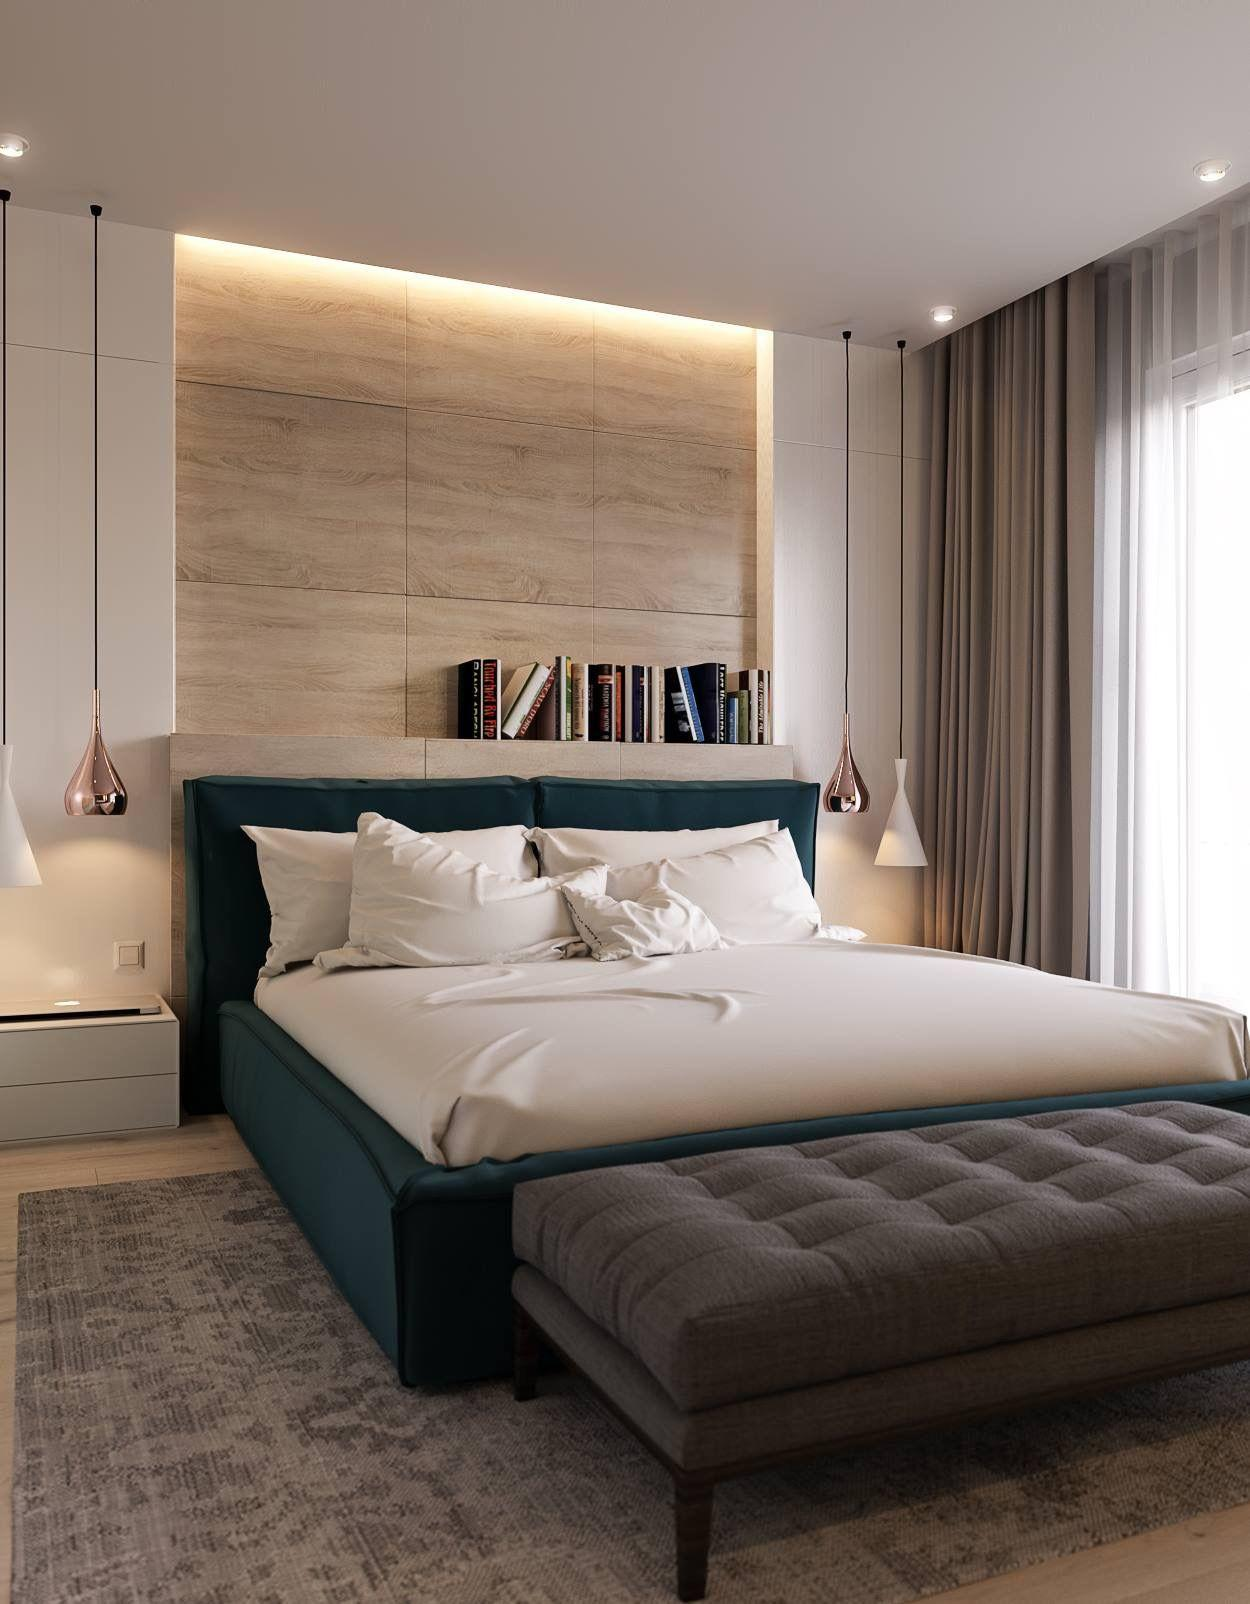 Điểm nhấn nội thất là giường ngủ màu xanh